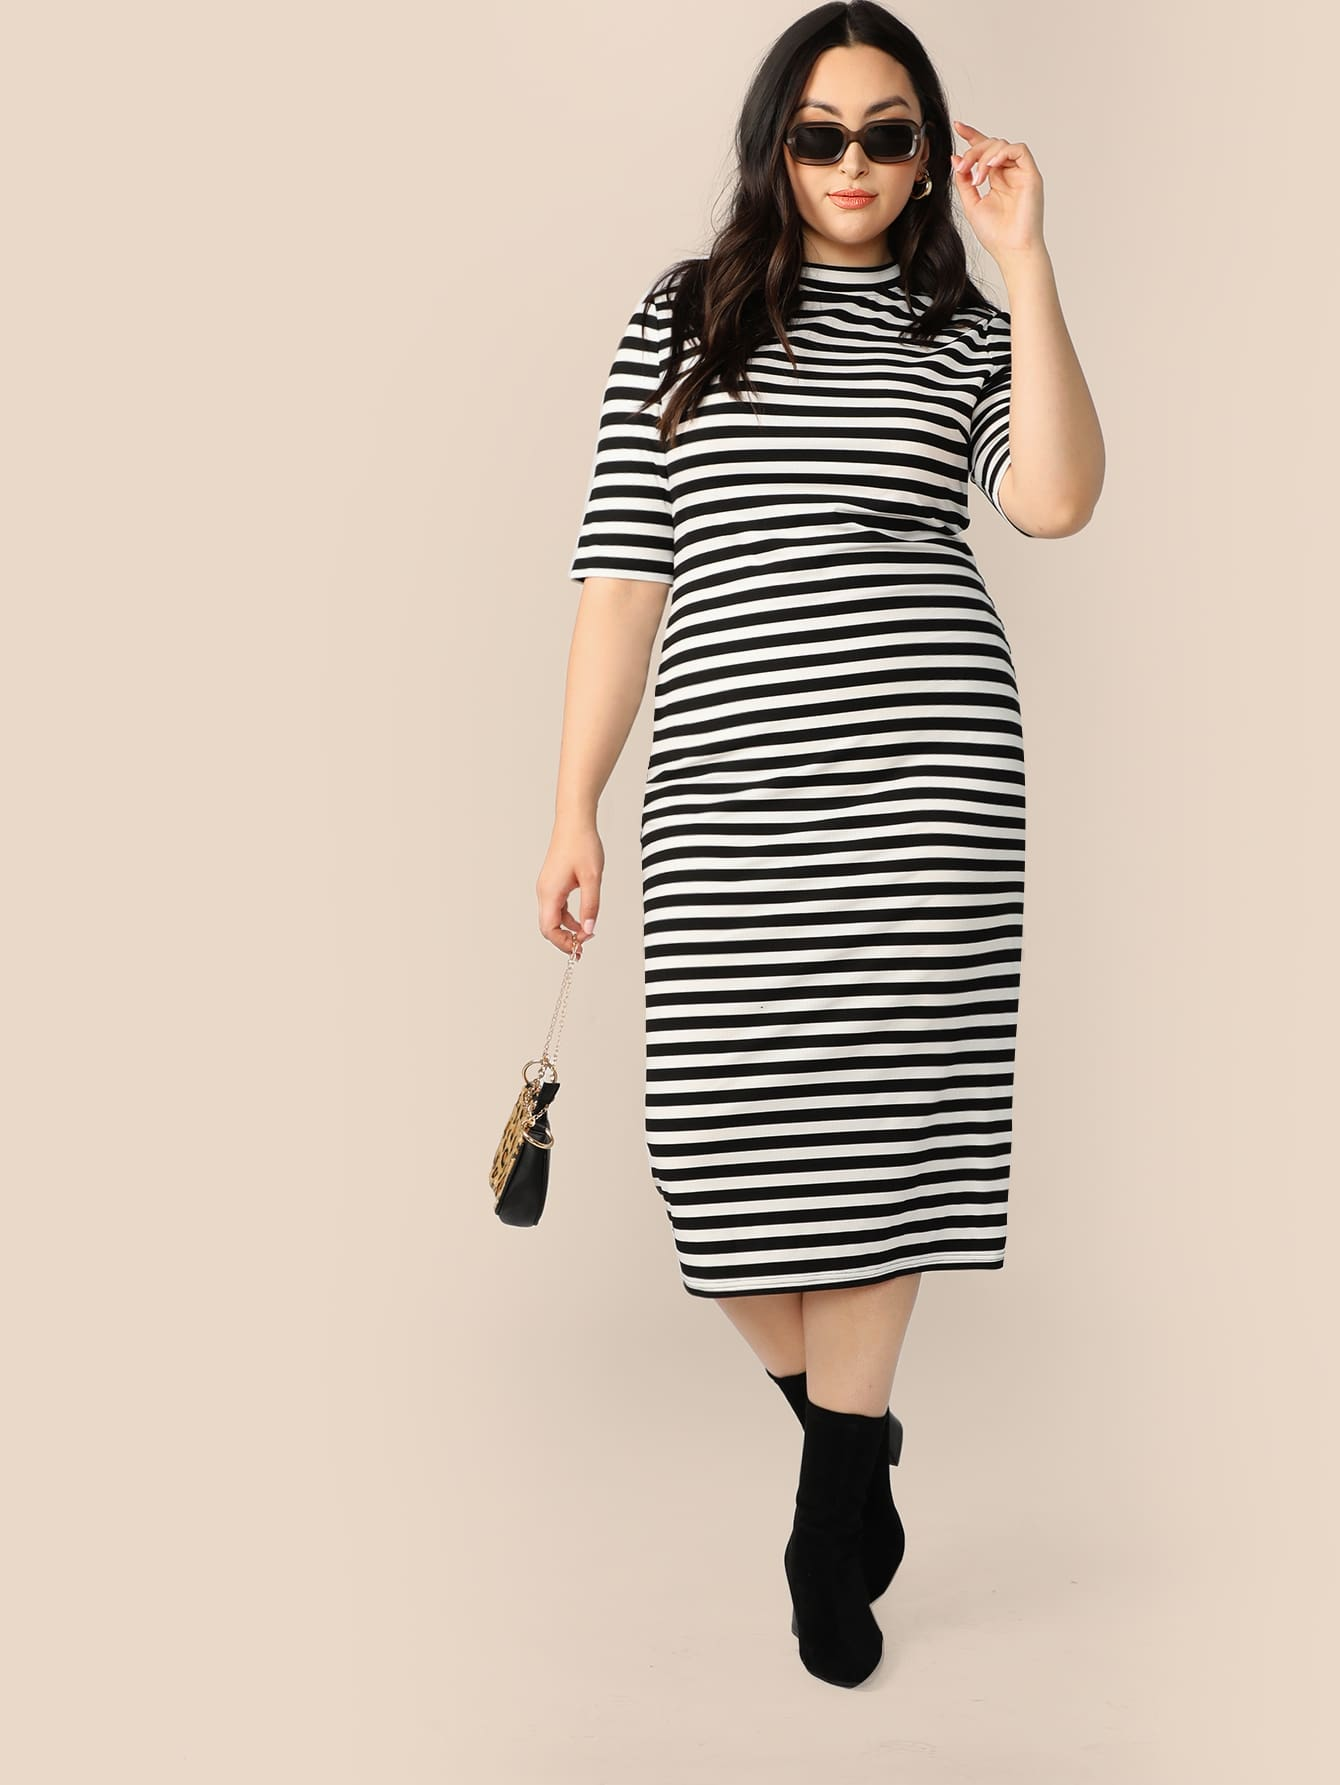 Фото - Размер плюс полосатое платье-карандаш с воротником-стойка от SheIn цвет чёрнобелые